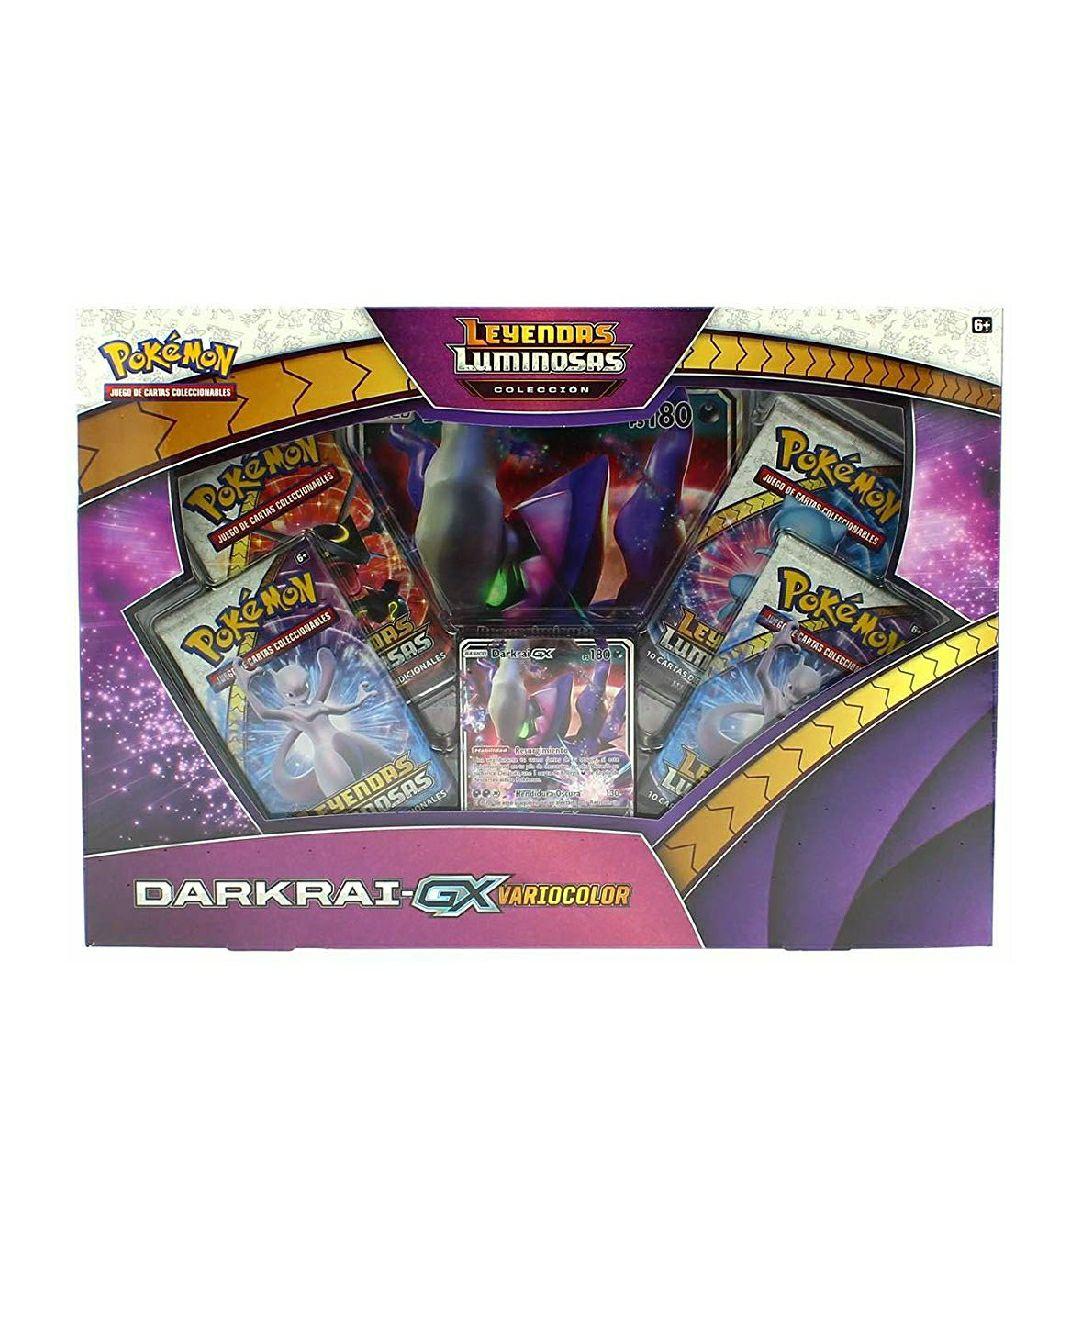 Pokemon JCC Pokemon - Colección Darkrai GX Variocolor de Leyendas Luminosas - Español